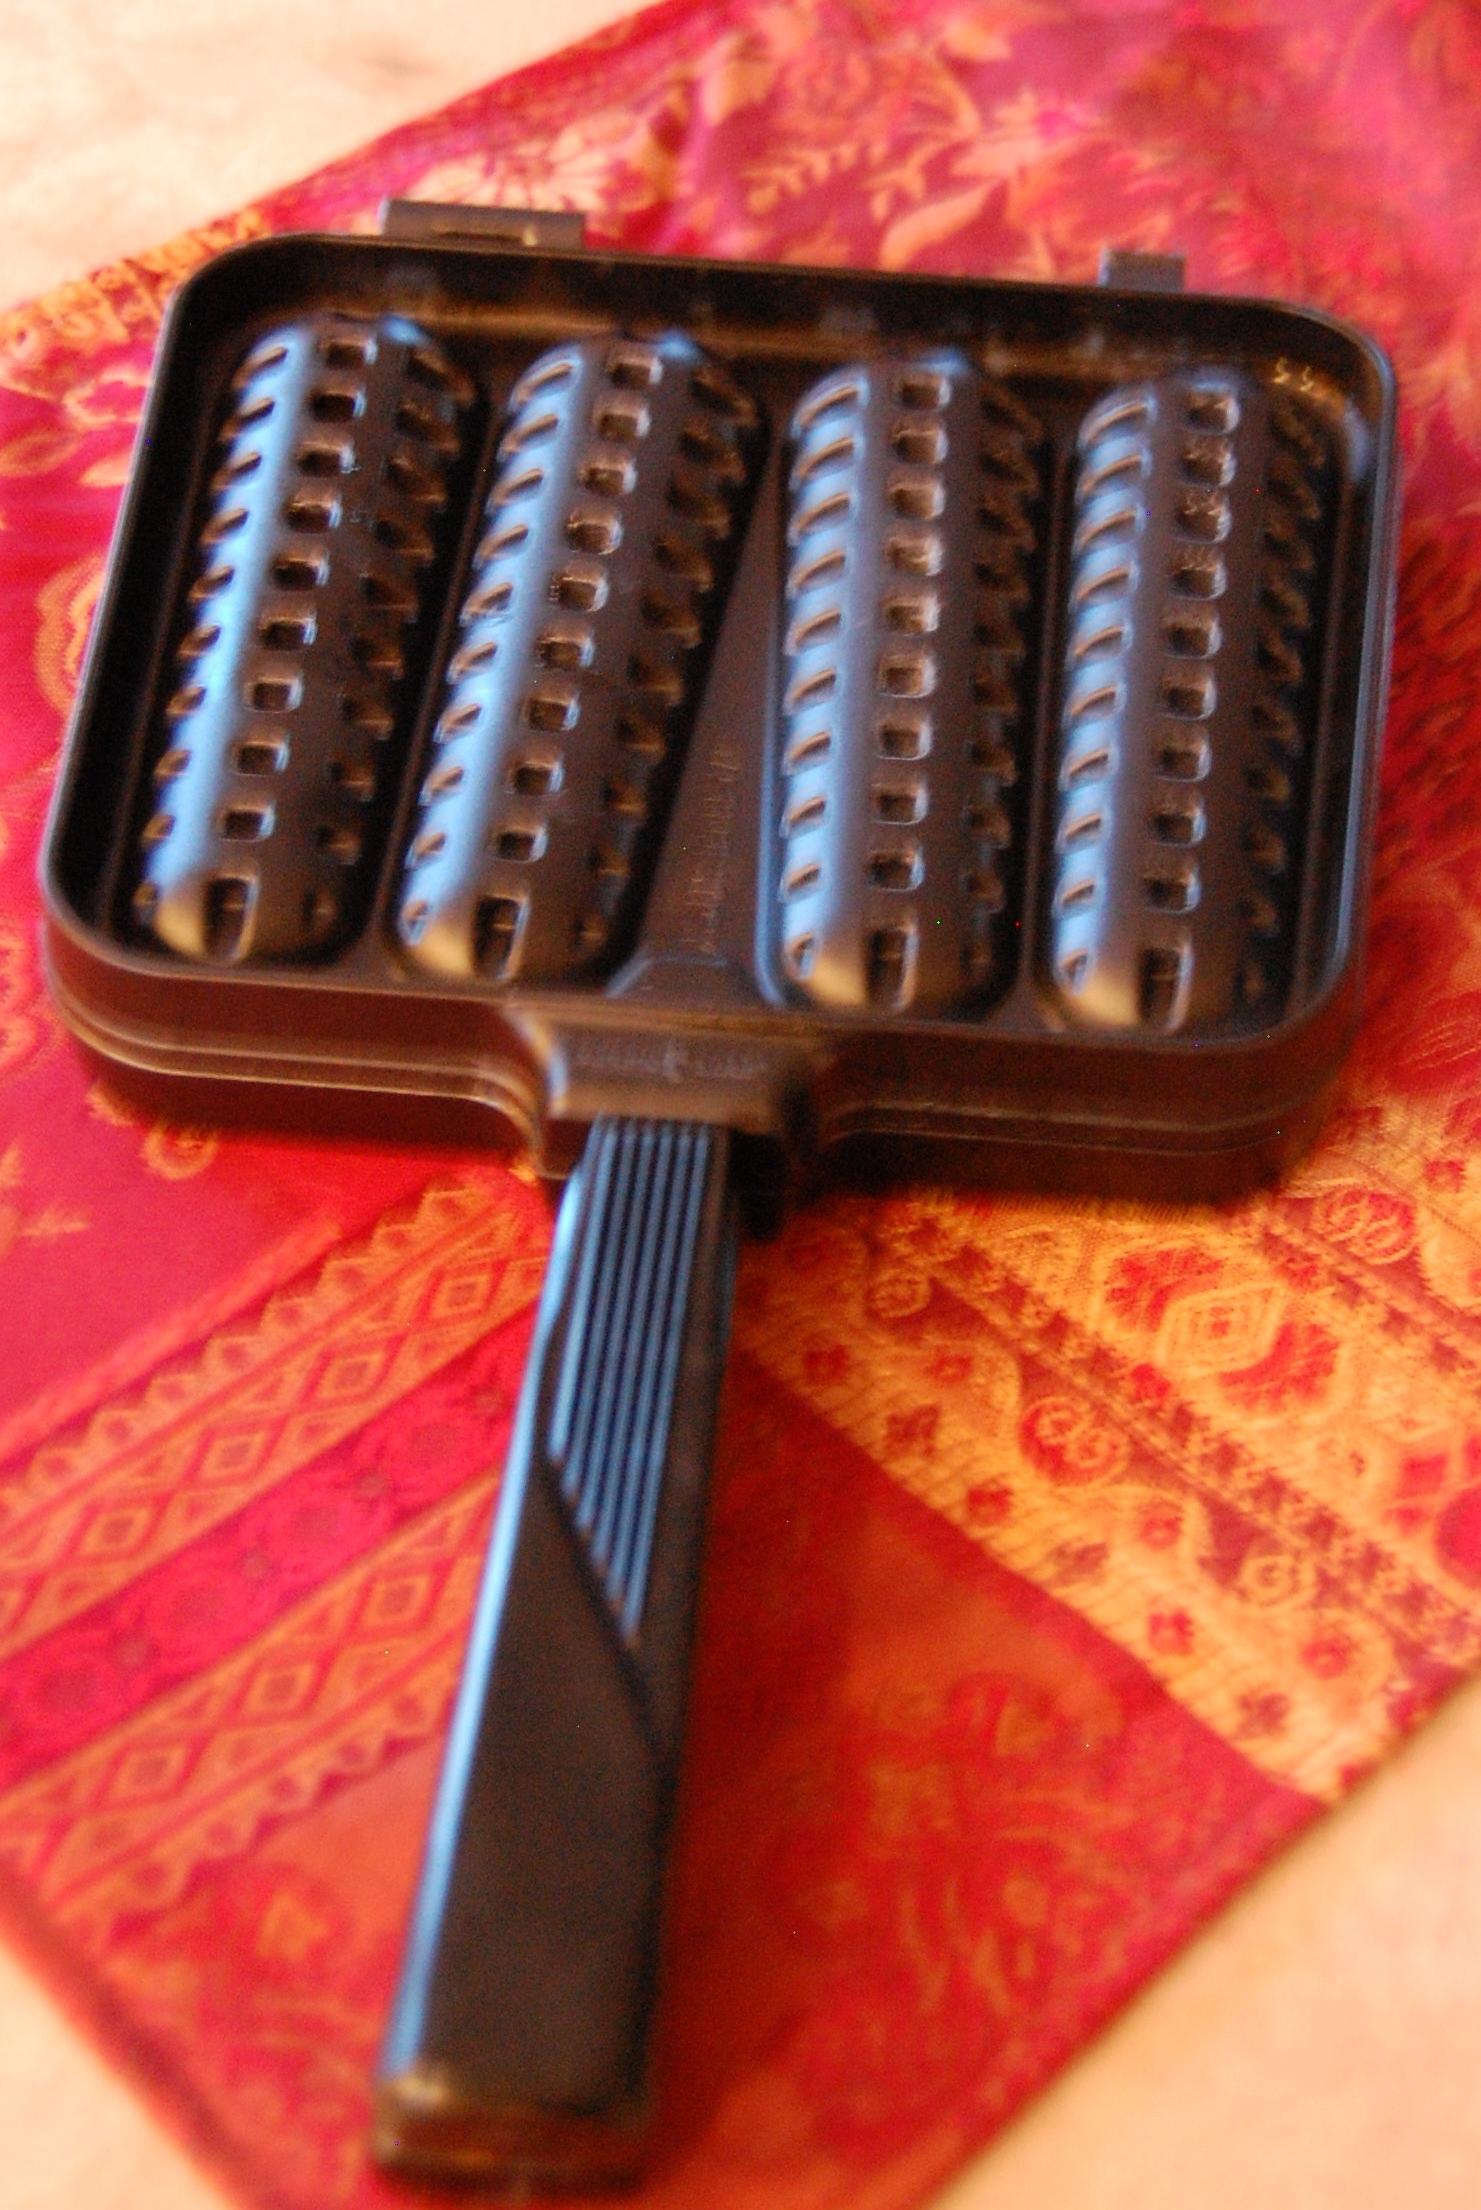 Iron_closed-e1422319152643.jpg